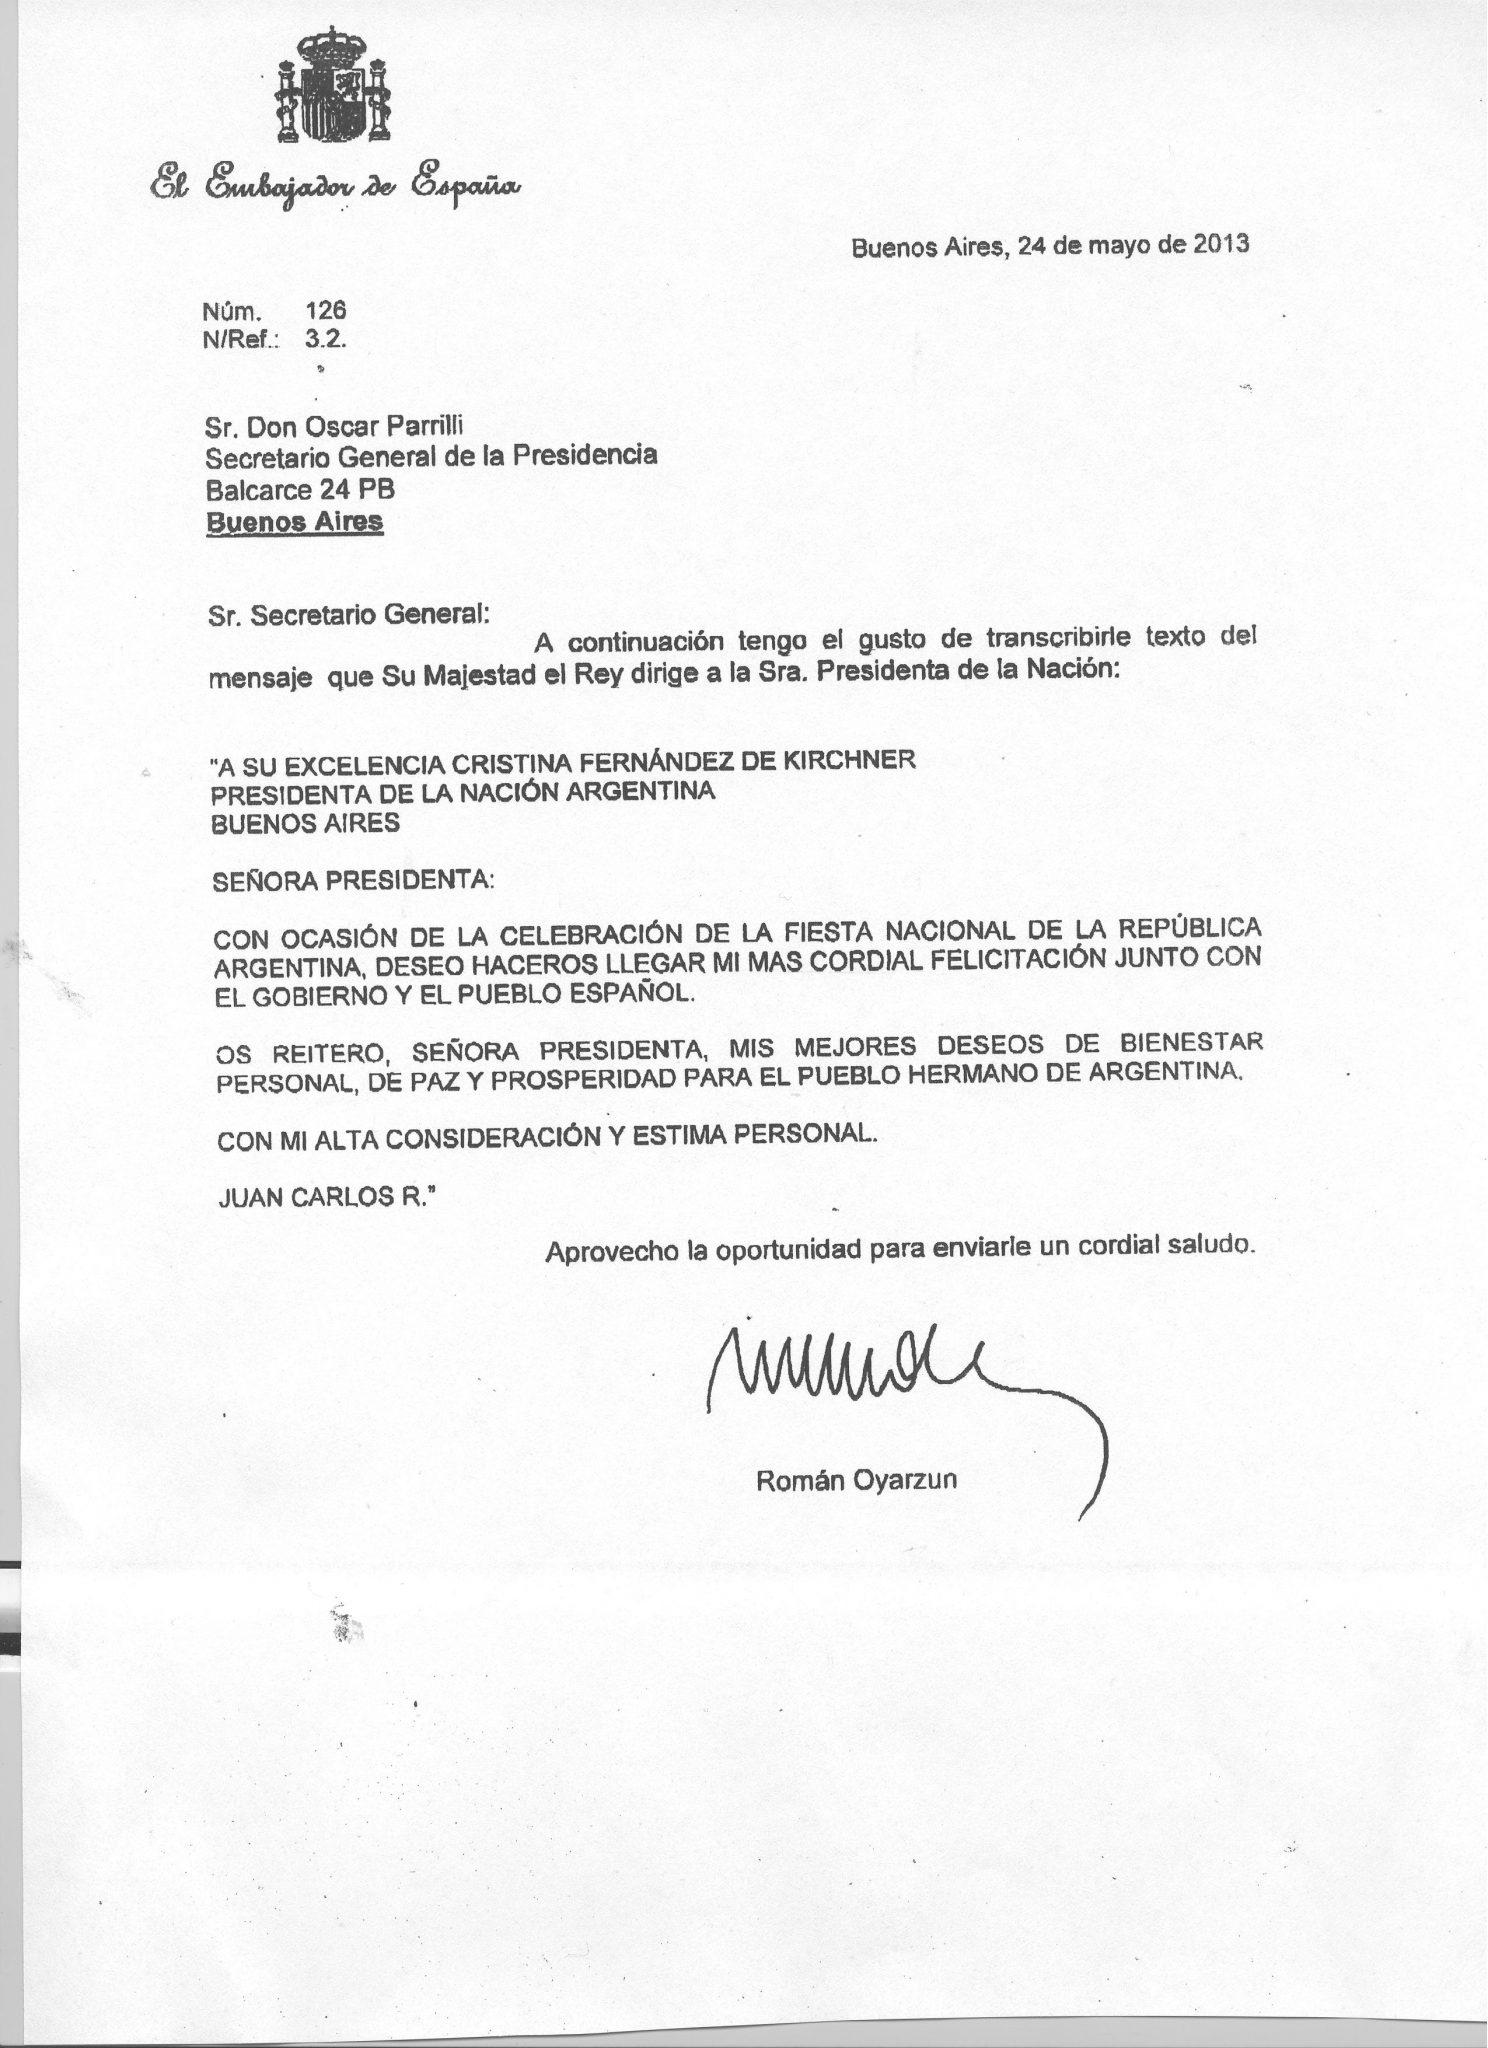 El Rey de España felicitó a la Presidenta por el aniversario de la Revolución de Mayo